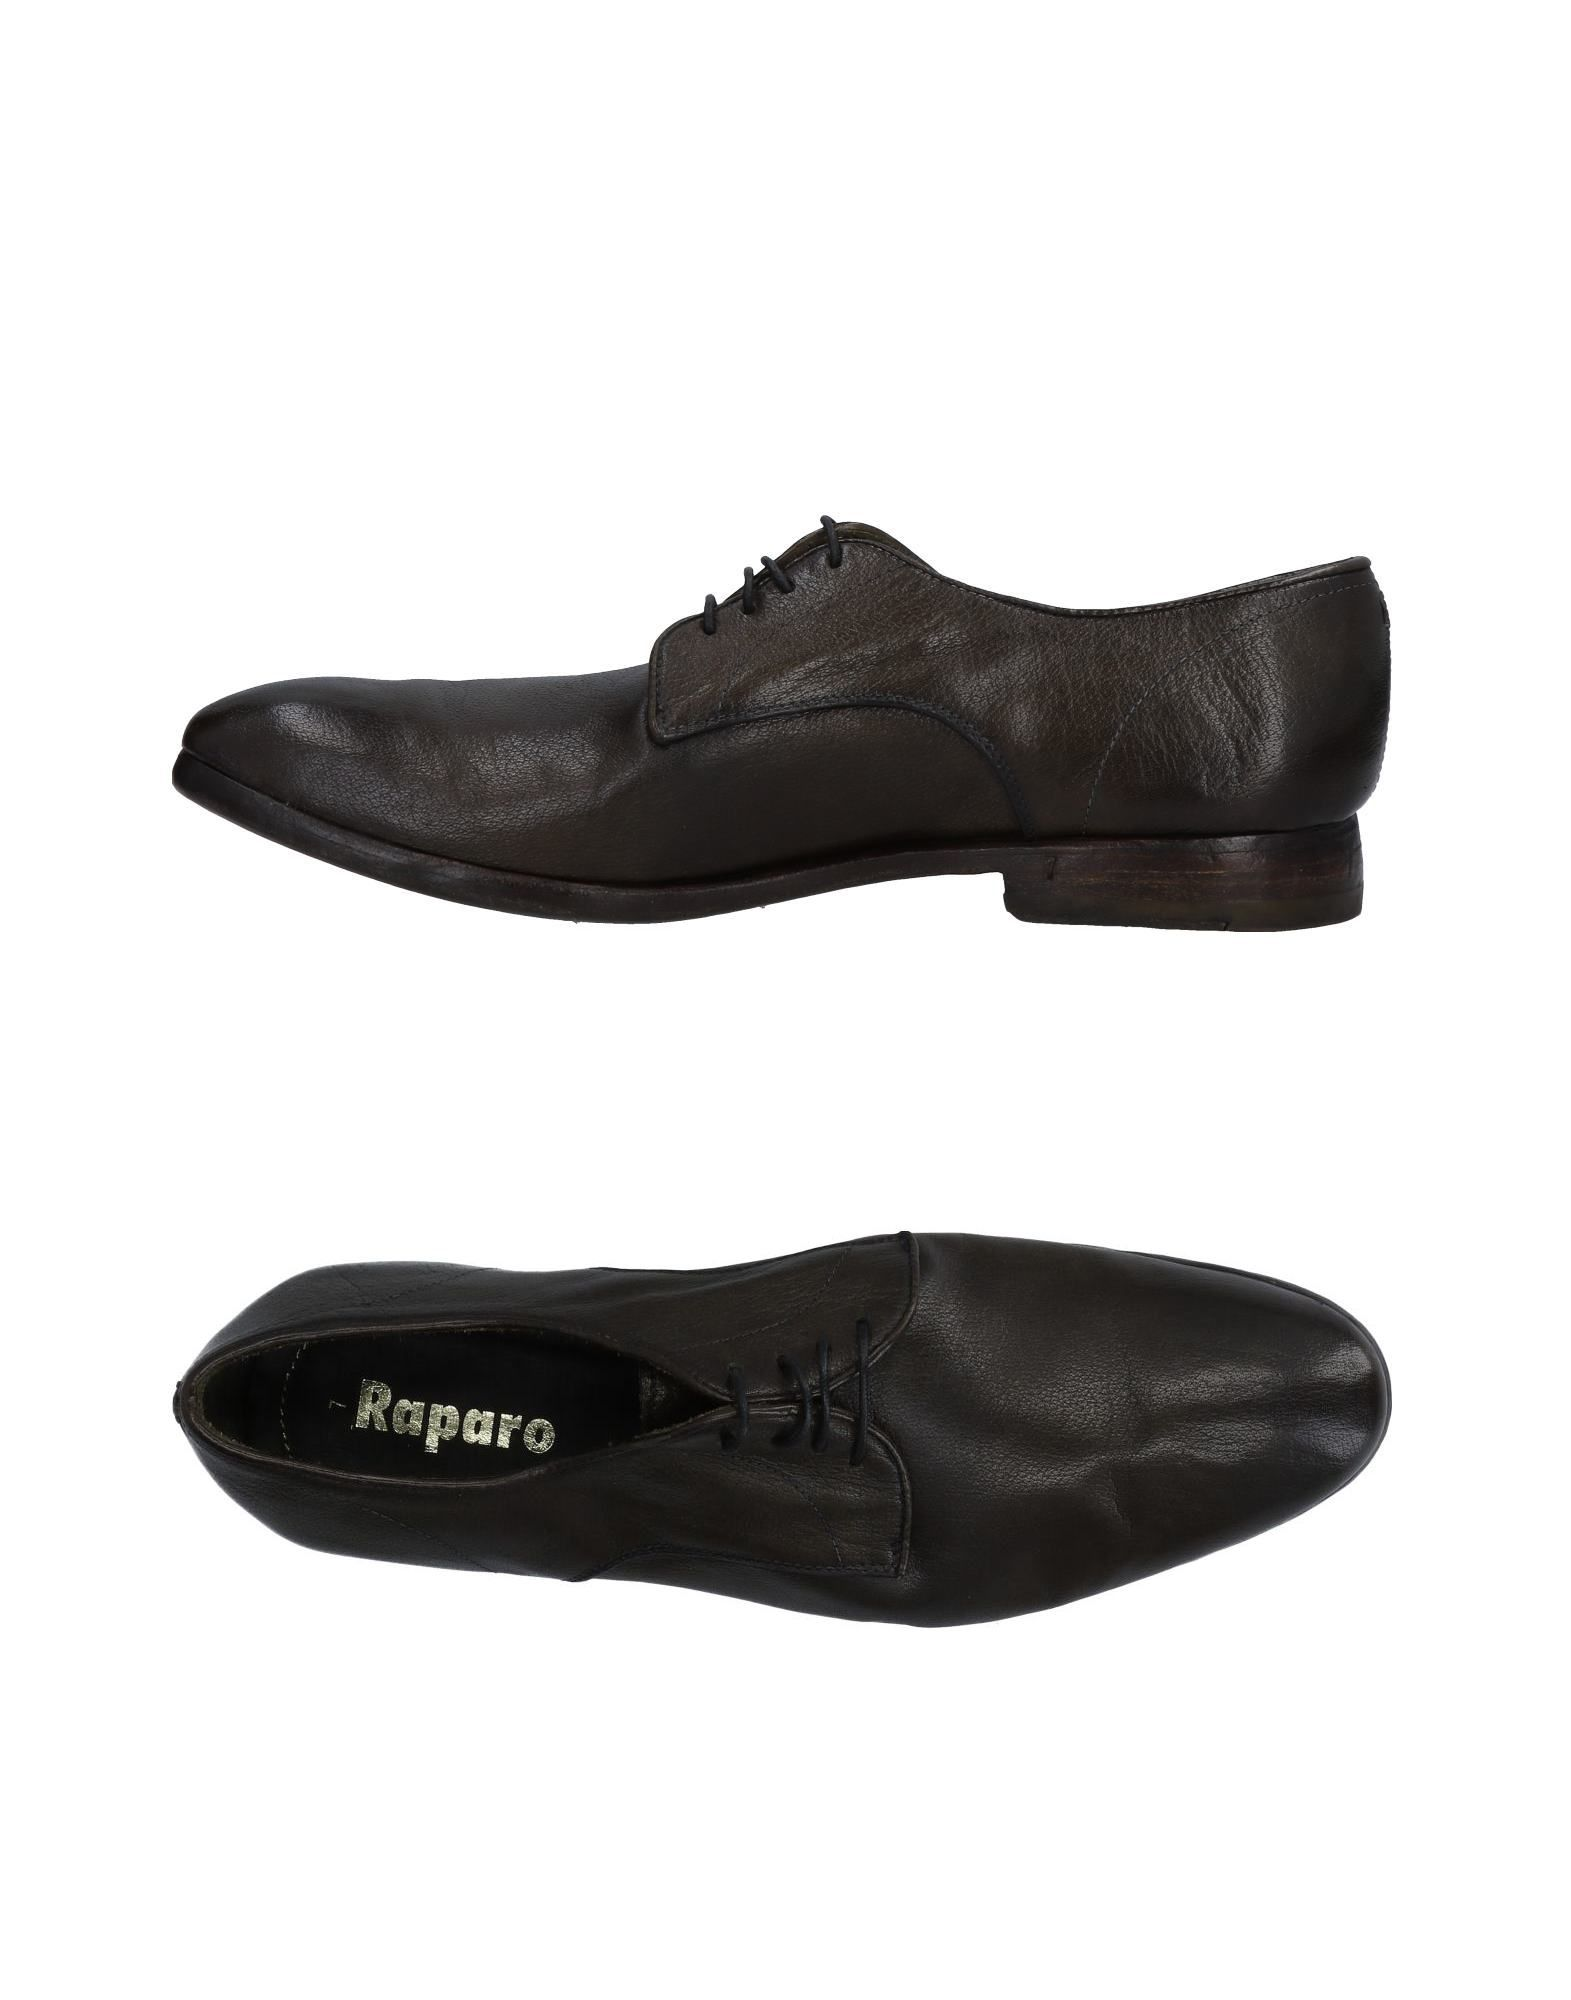 Raparo Schnürschuhe Herren  11471334BH Gute Qualität beliebte Schuhe